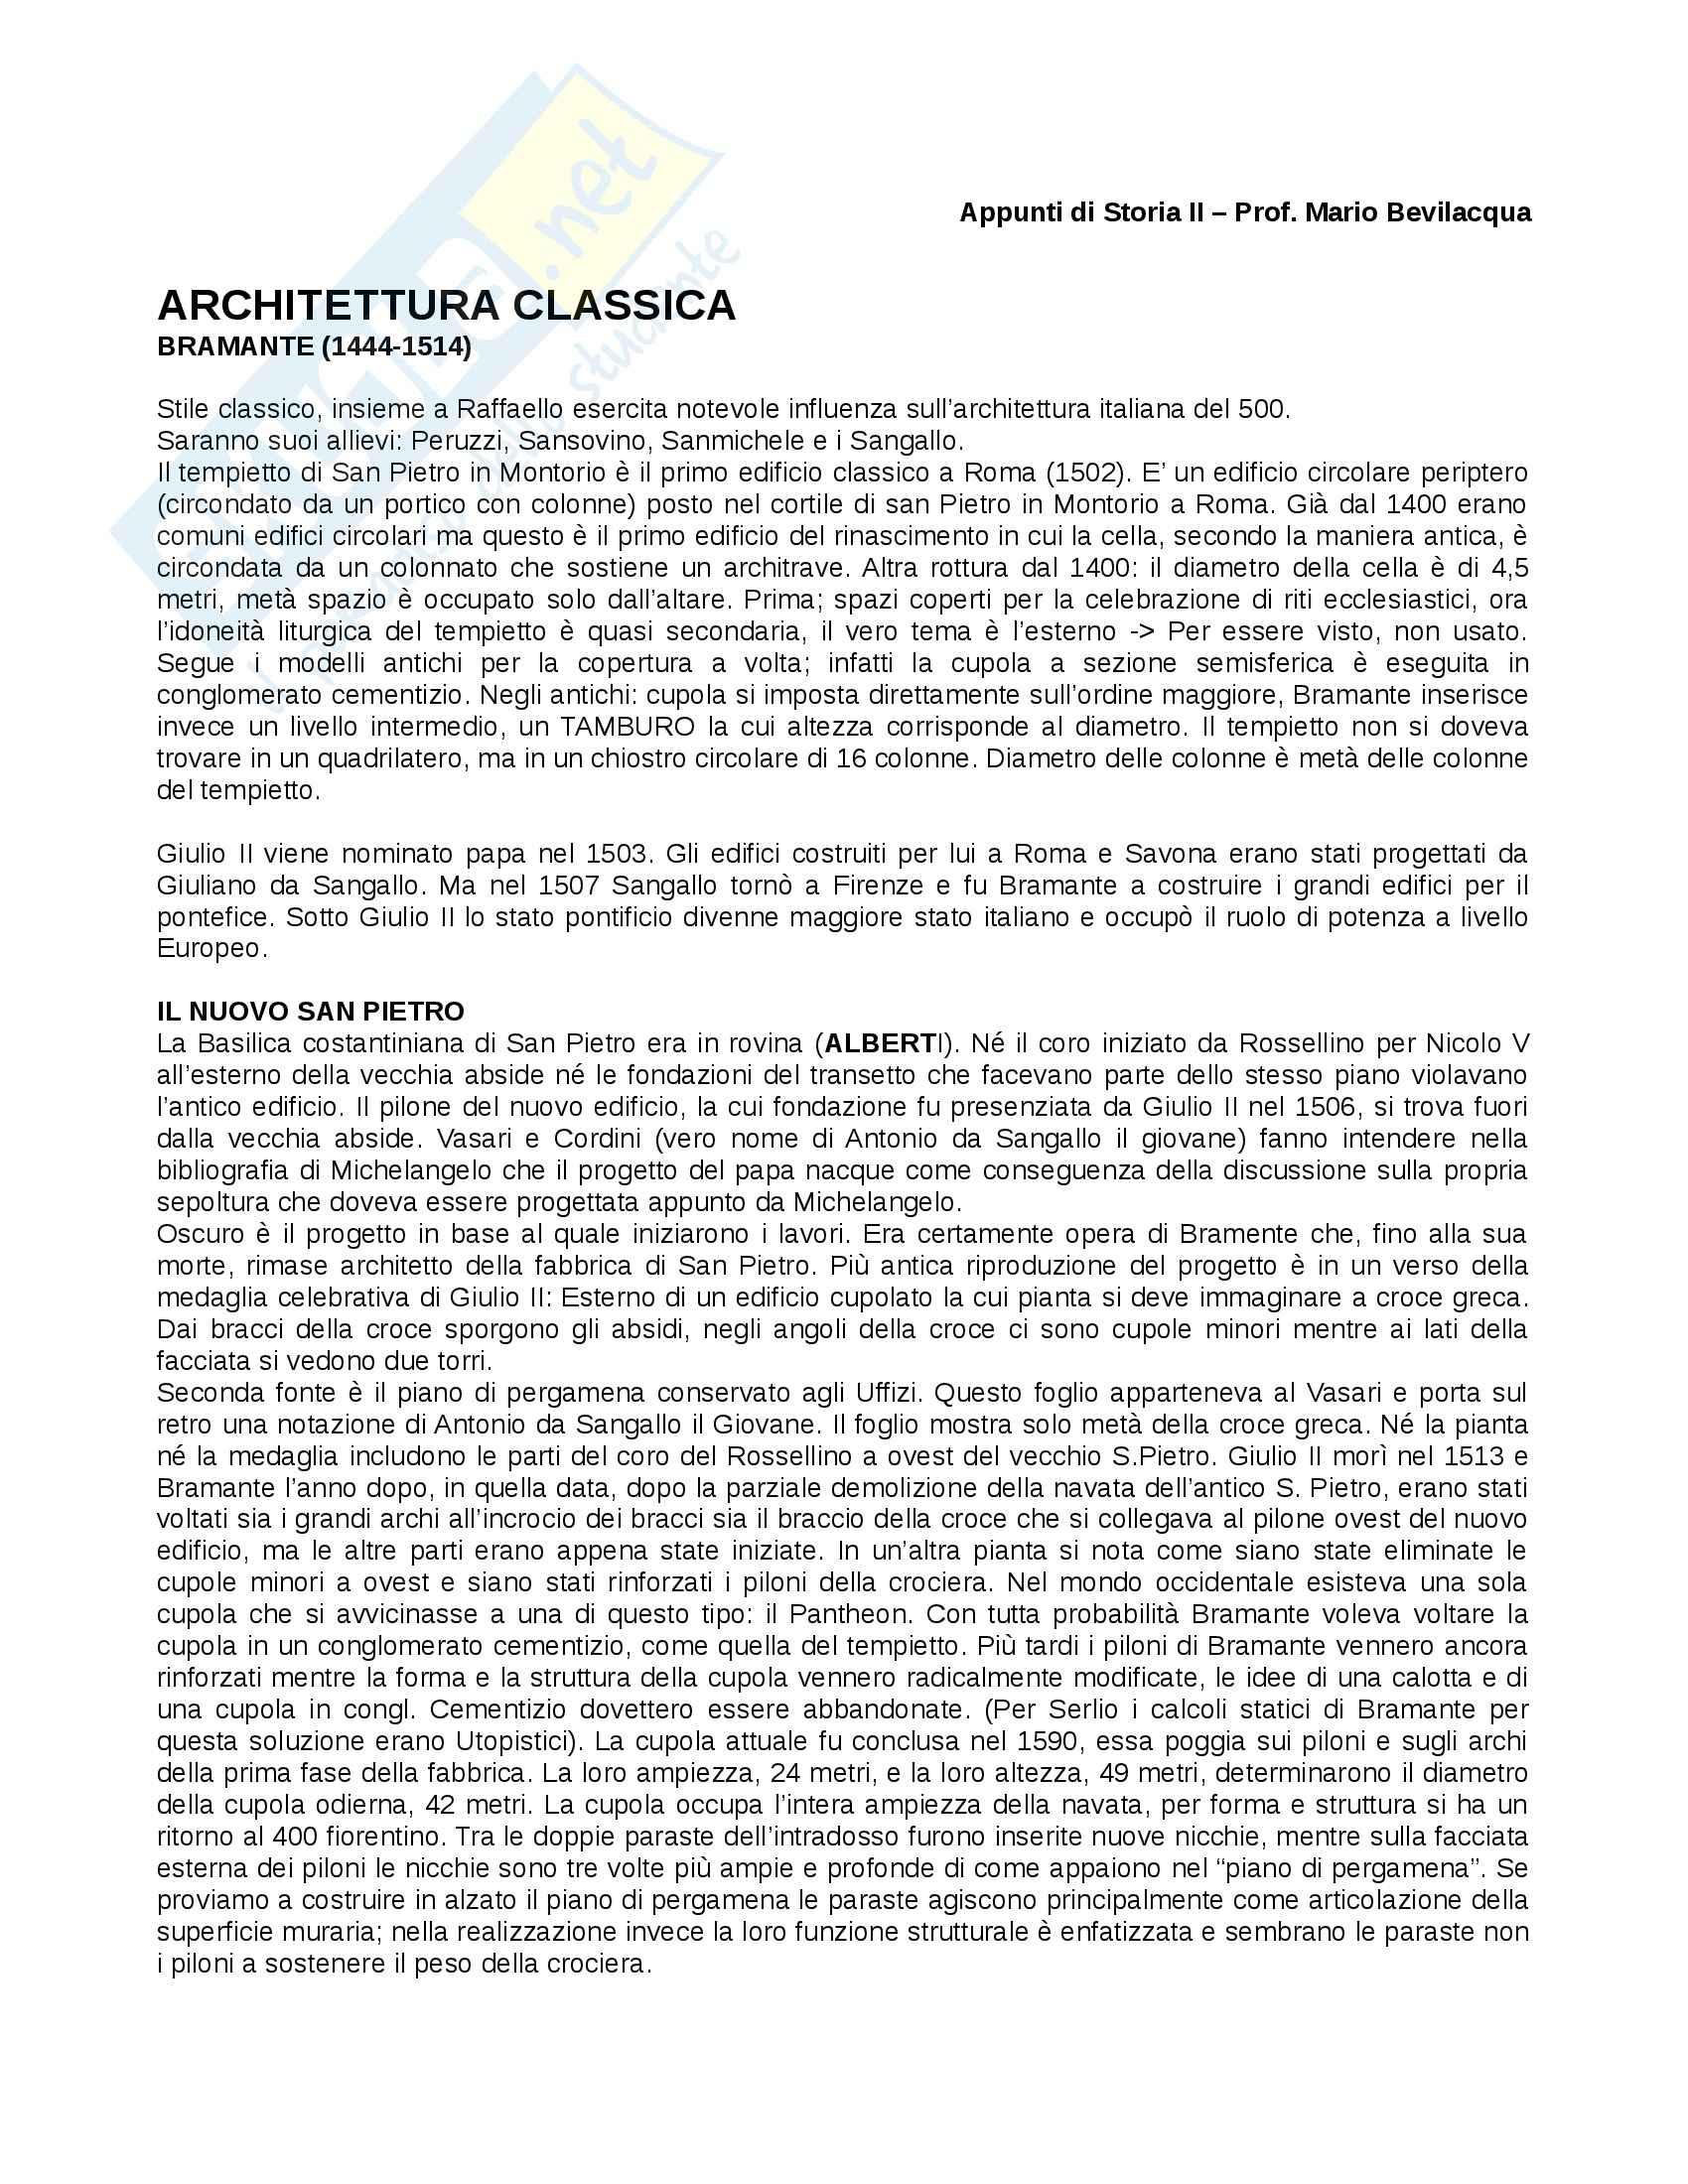 Lezioni: Appunti di Storia architettura II